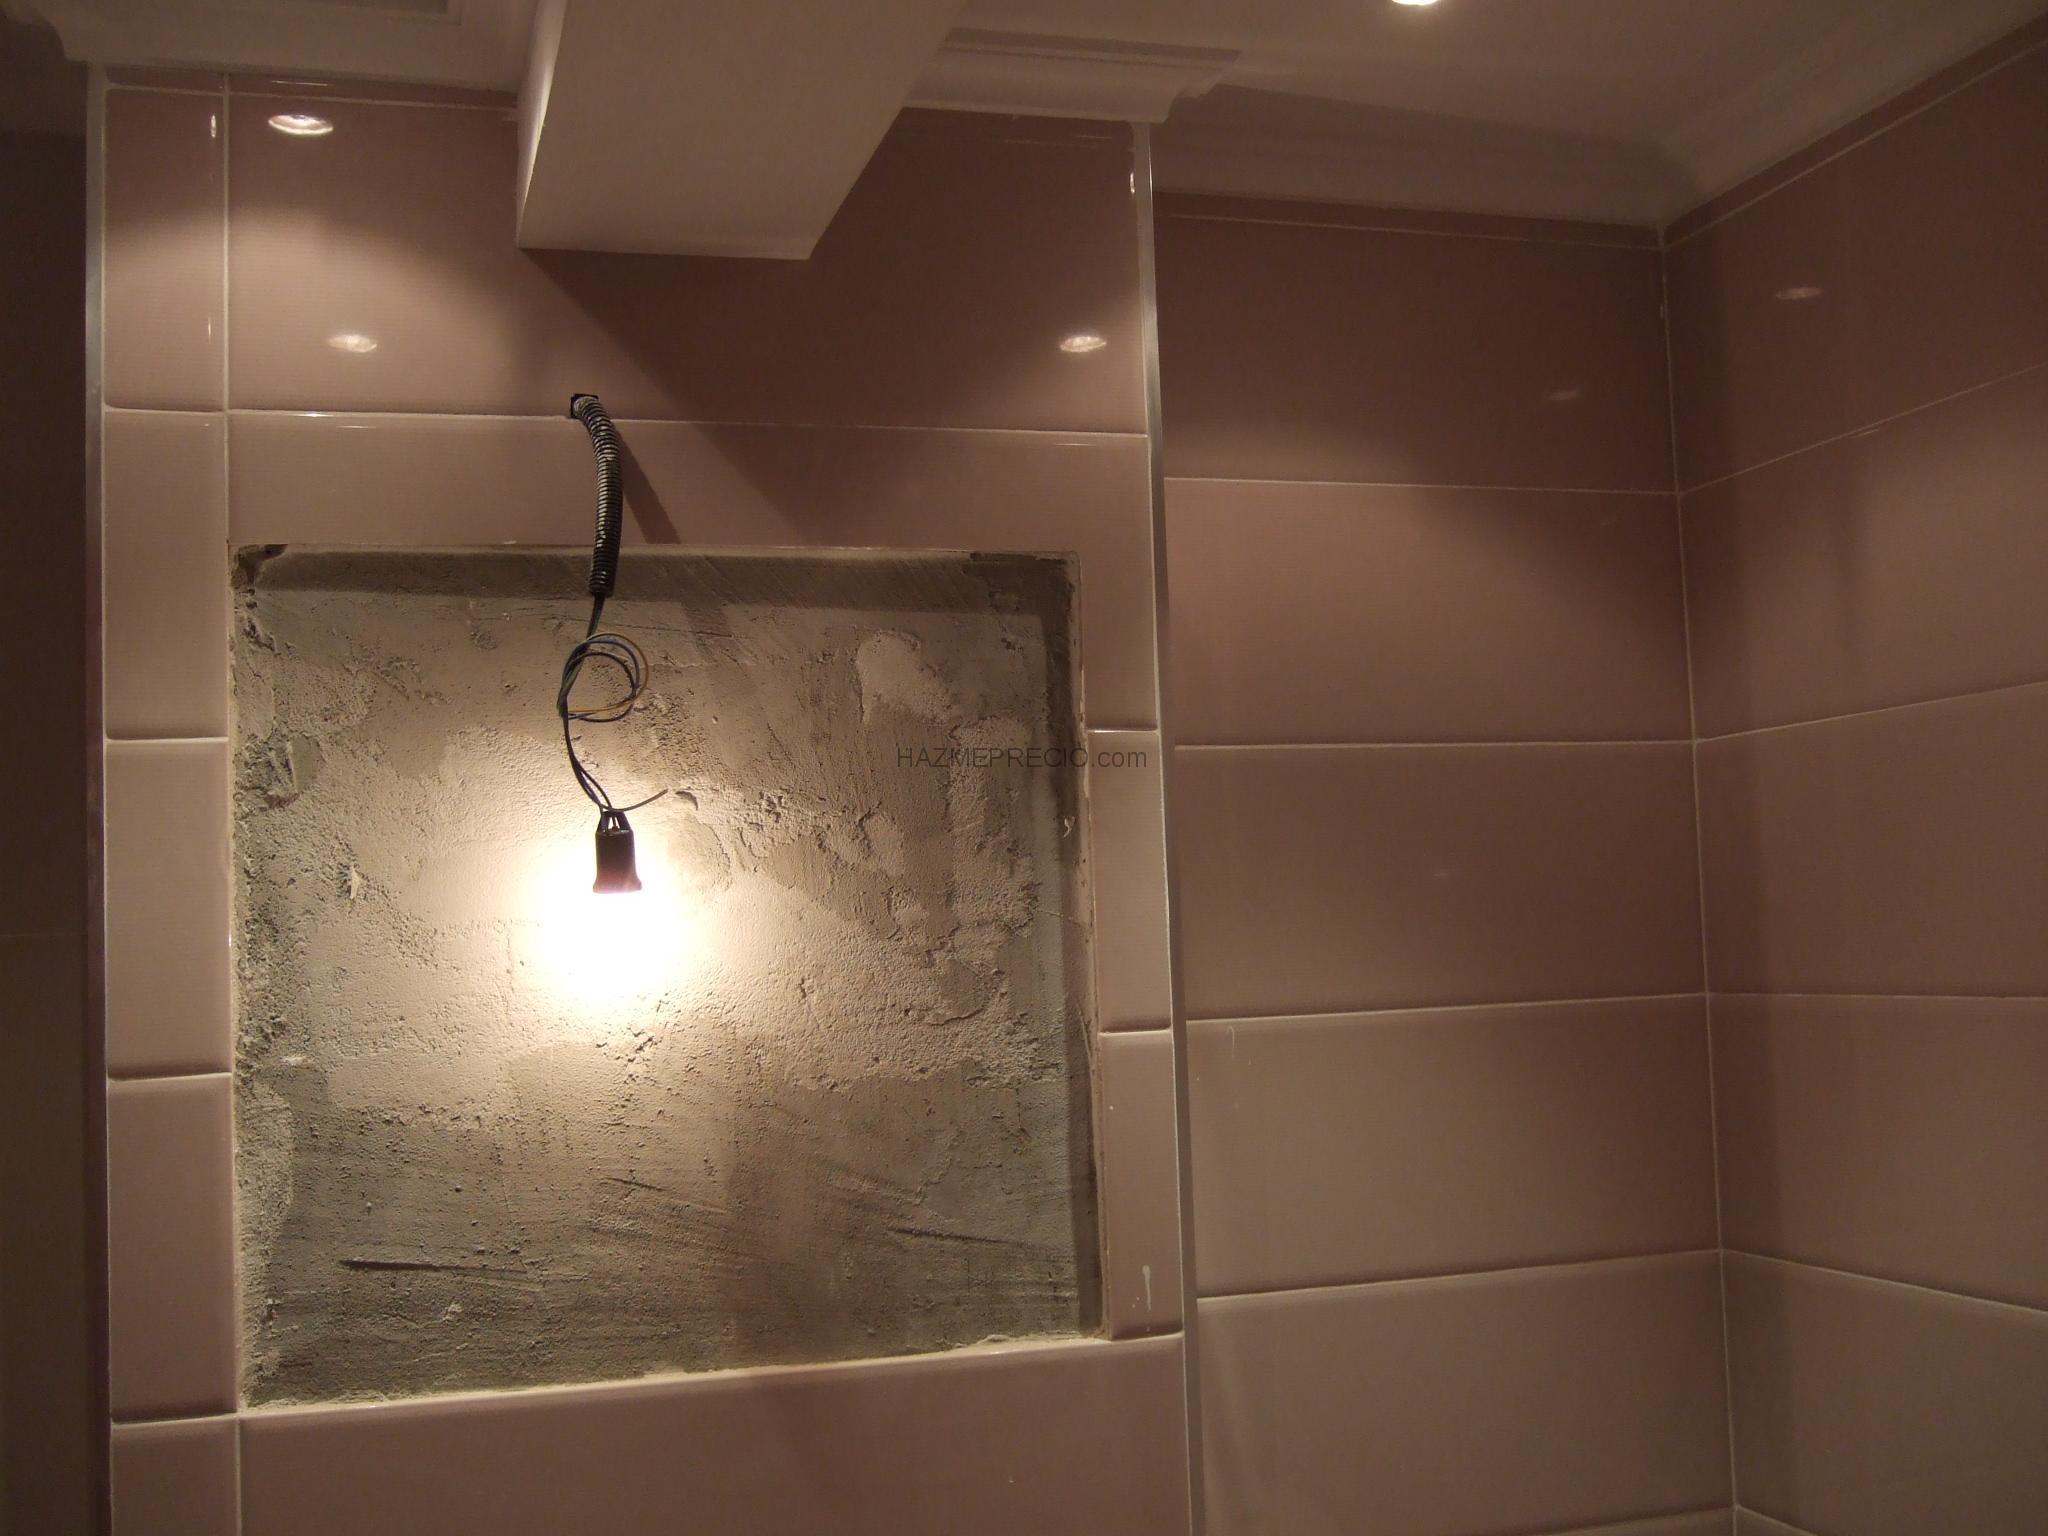 Reformas lucidores sopuerta cb 48190 sopuerta vizcaya - Reforma integral piso 60 metros ...